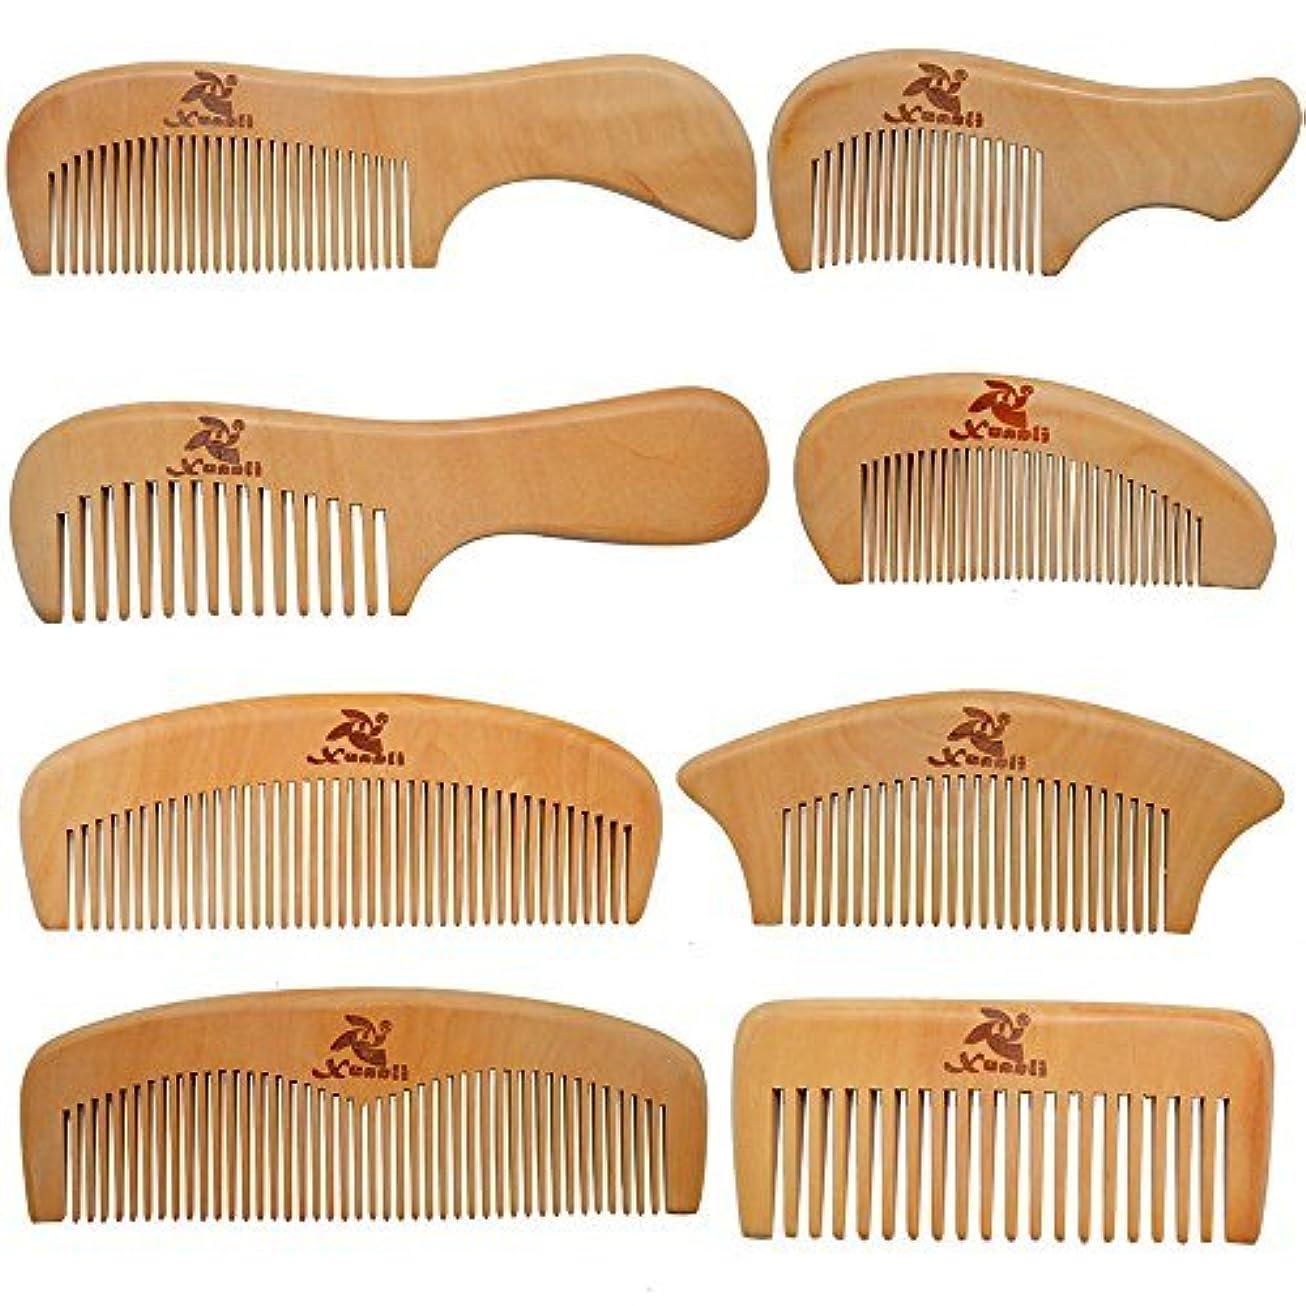 フルーツ煙ブレスXuanli 8 Pcs The Family Of Hair Comb set - Wood with Anti-Static & No Snag Handmade Brush for Beard, Head Hair...